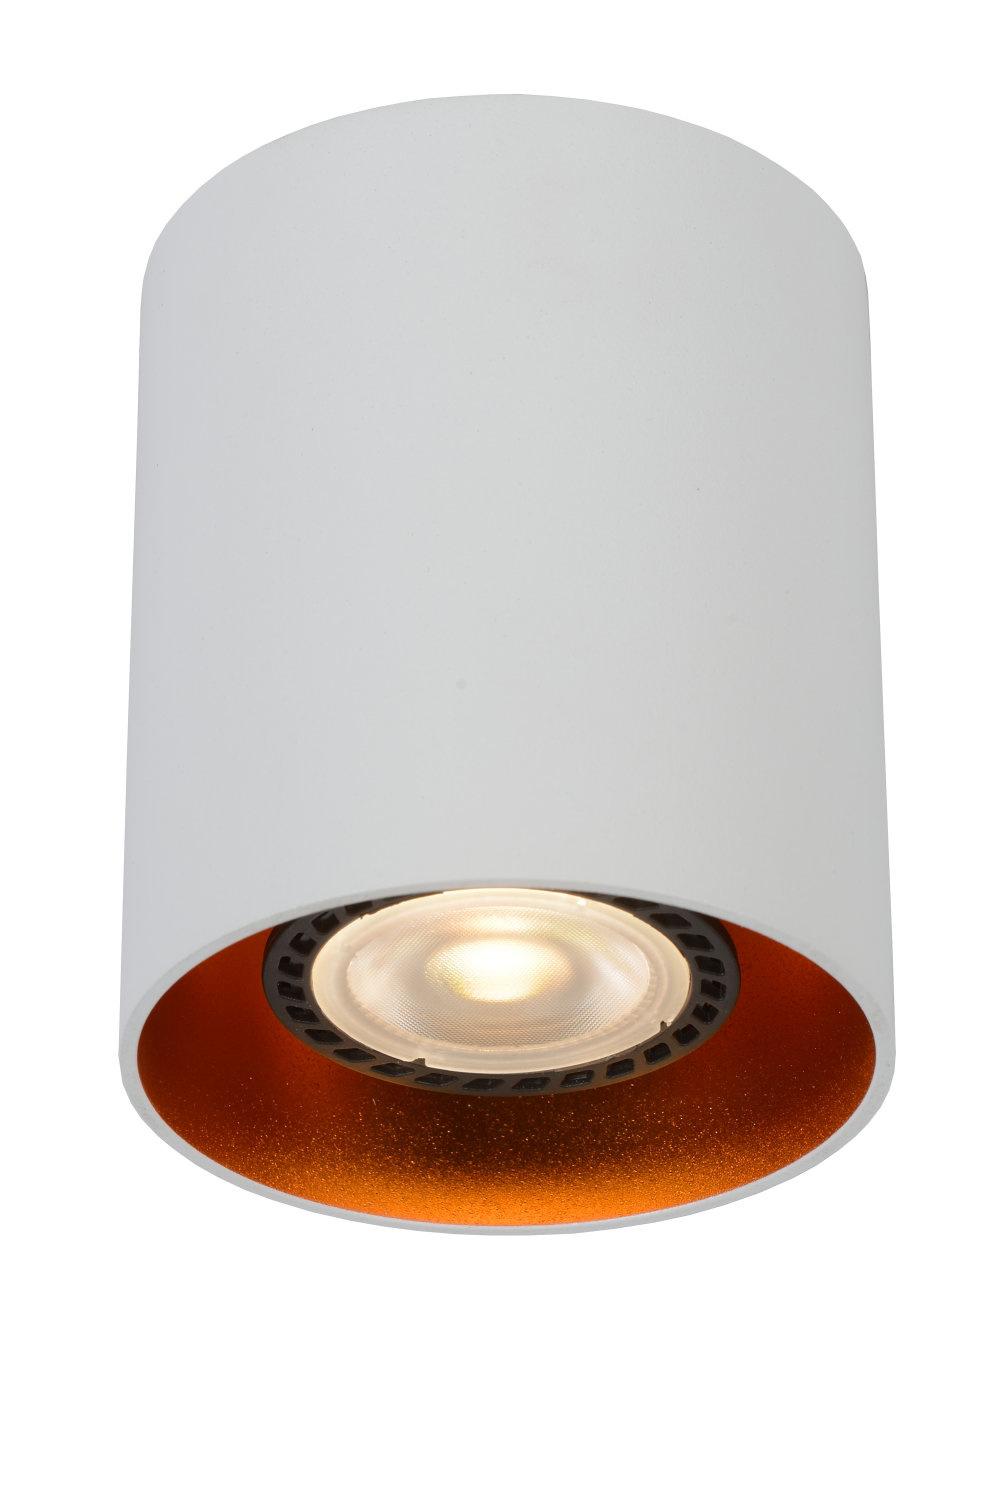 Lucide BIDO Plafondspot-Wit-Ø8-1xGU10-50W-Alumin.